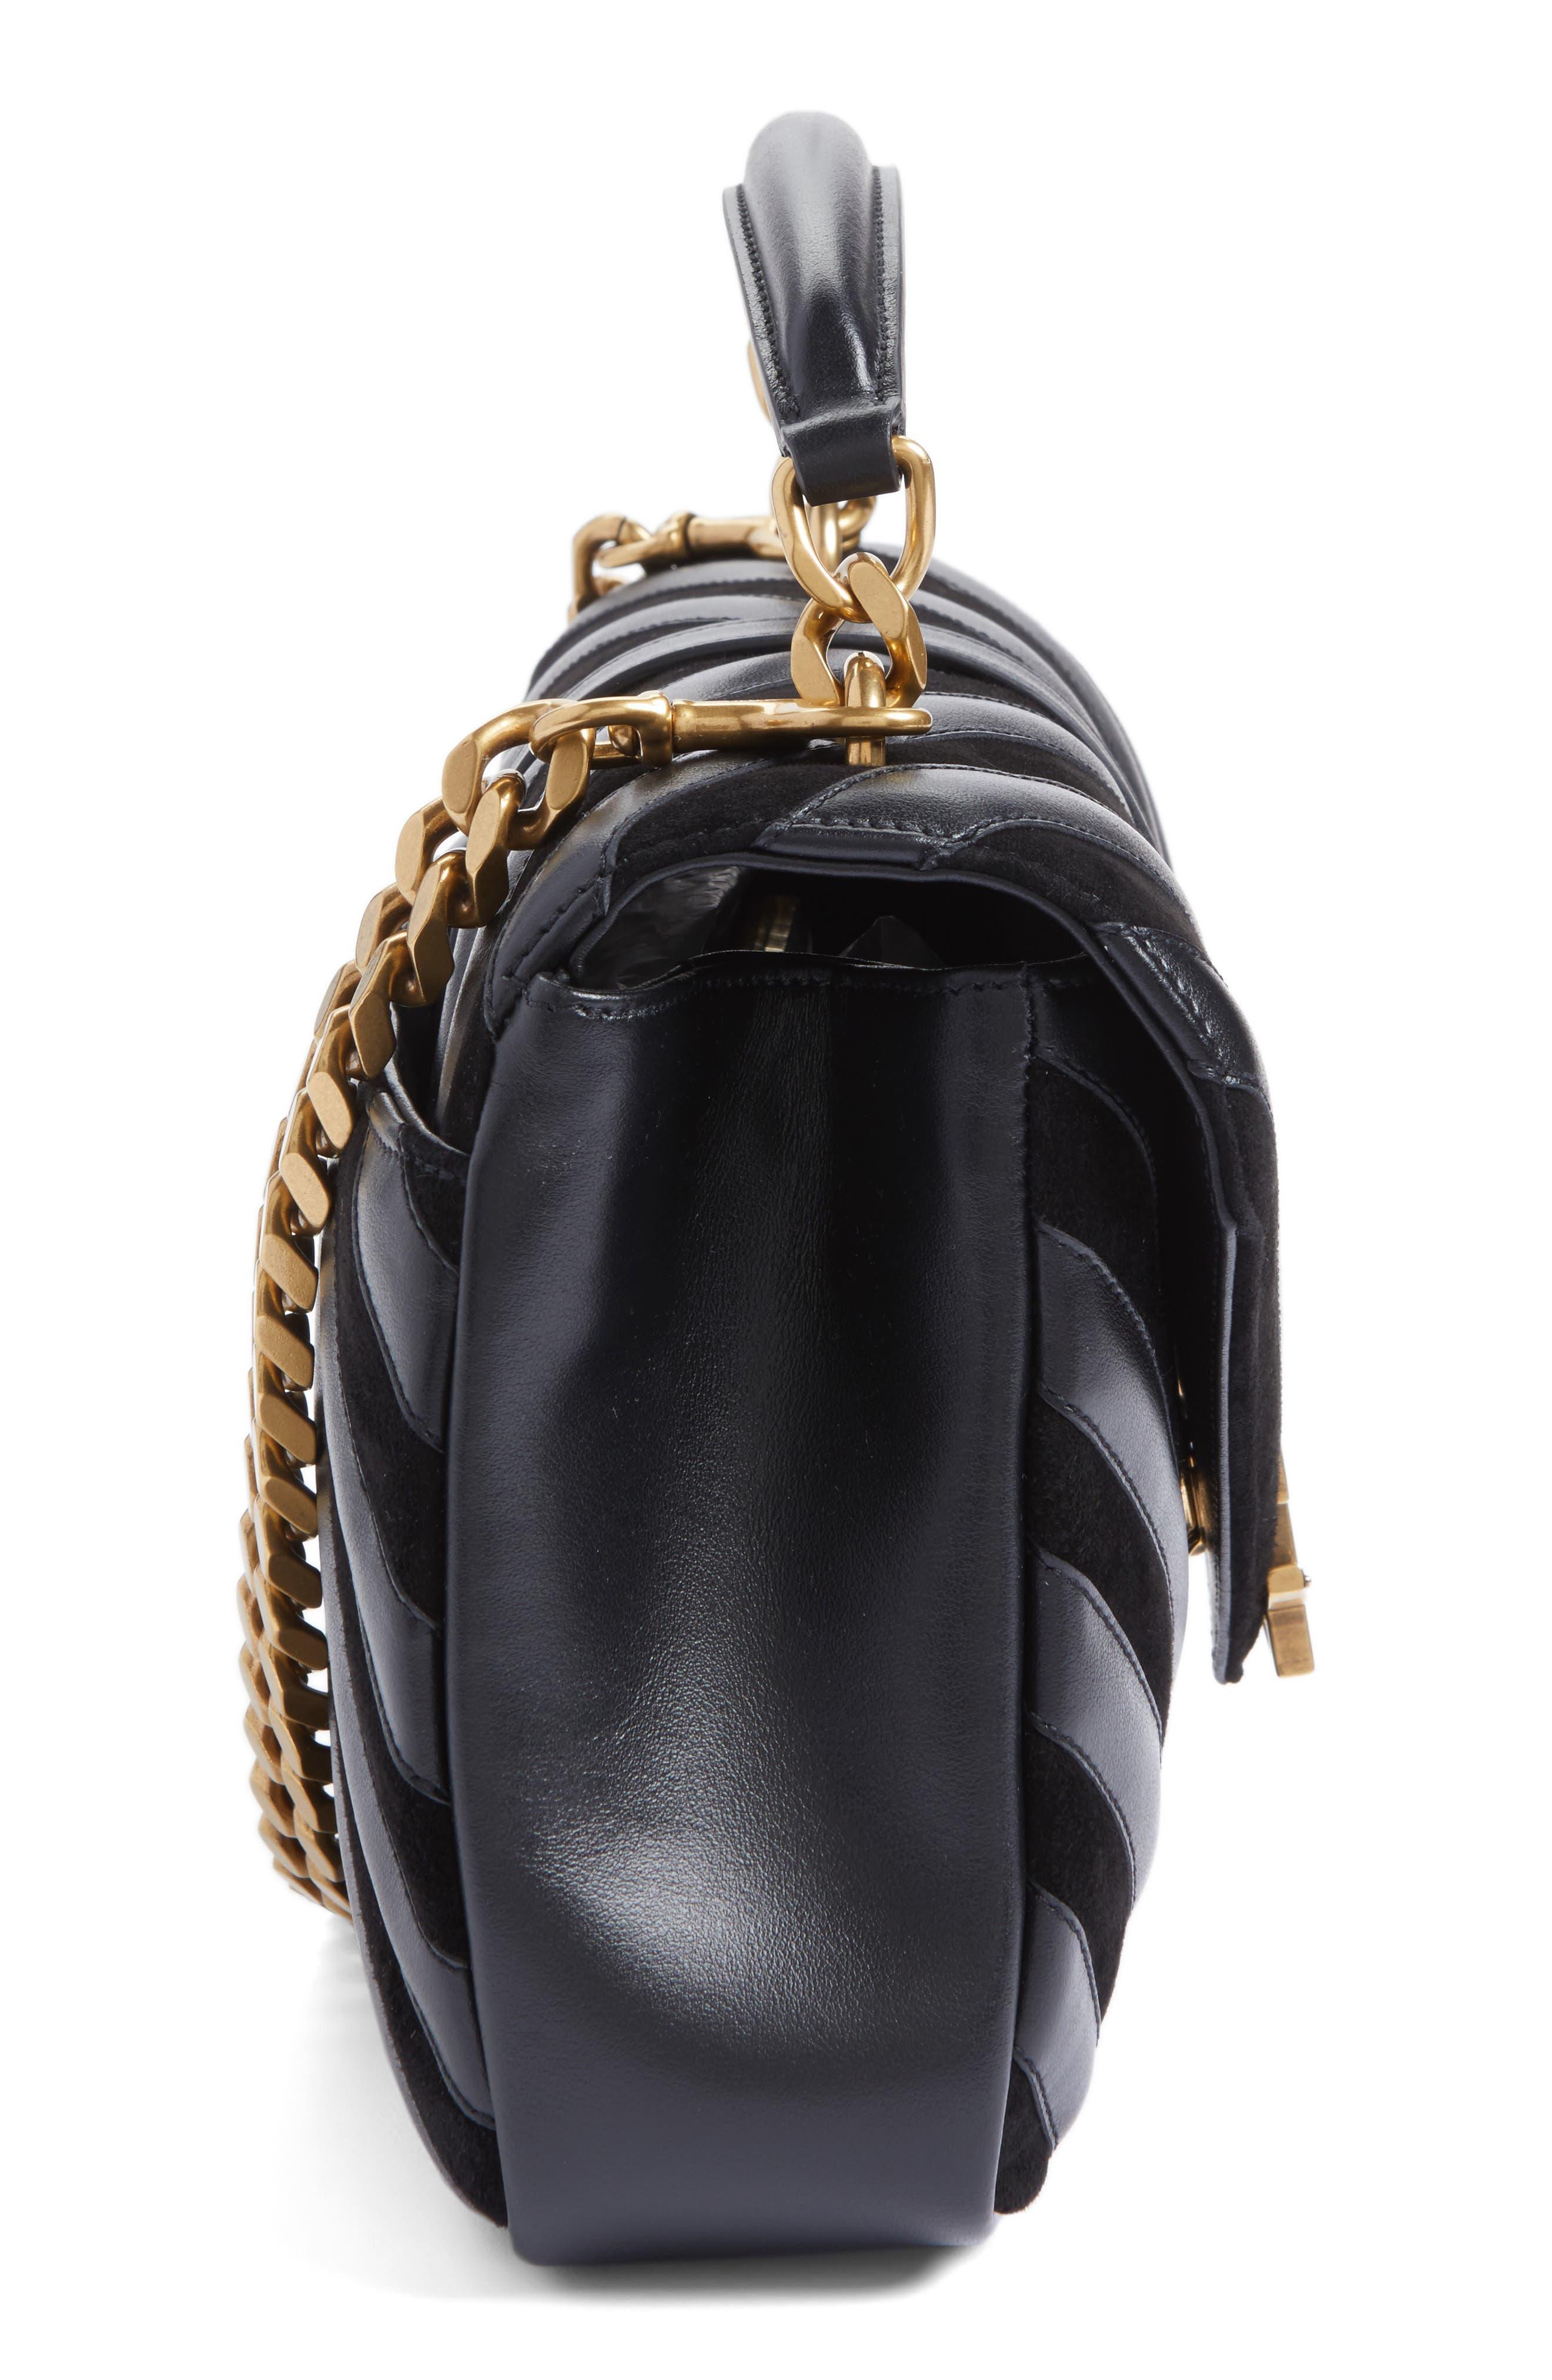 Medium College Patchwork Suede & Leather Shoulder Bag,                             Alternate thumbnail 5, color,                             001